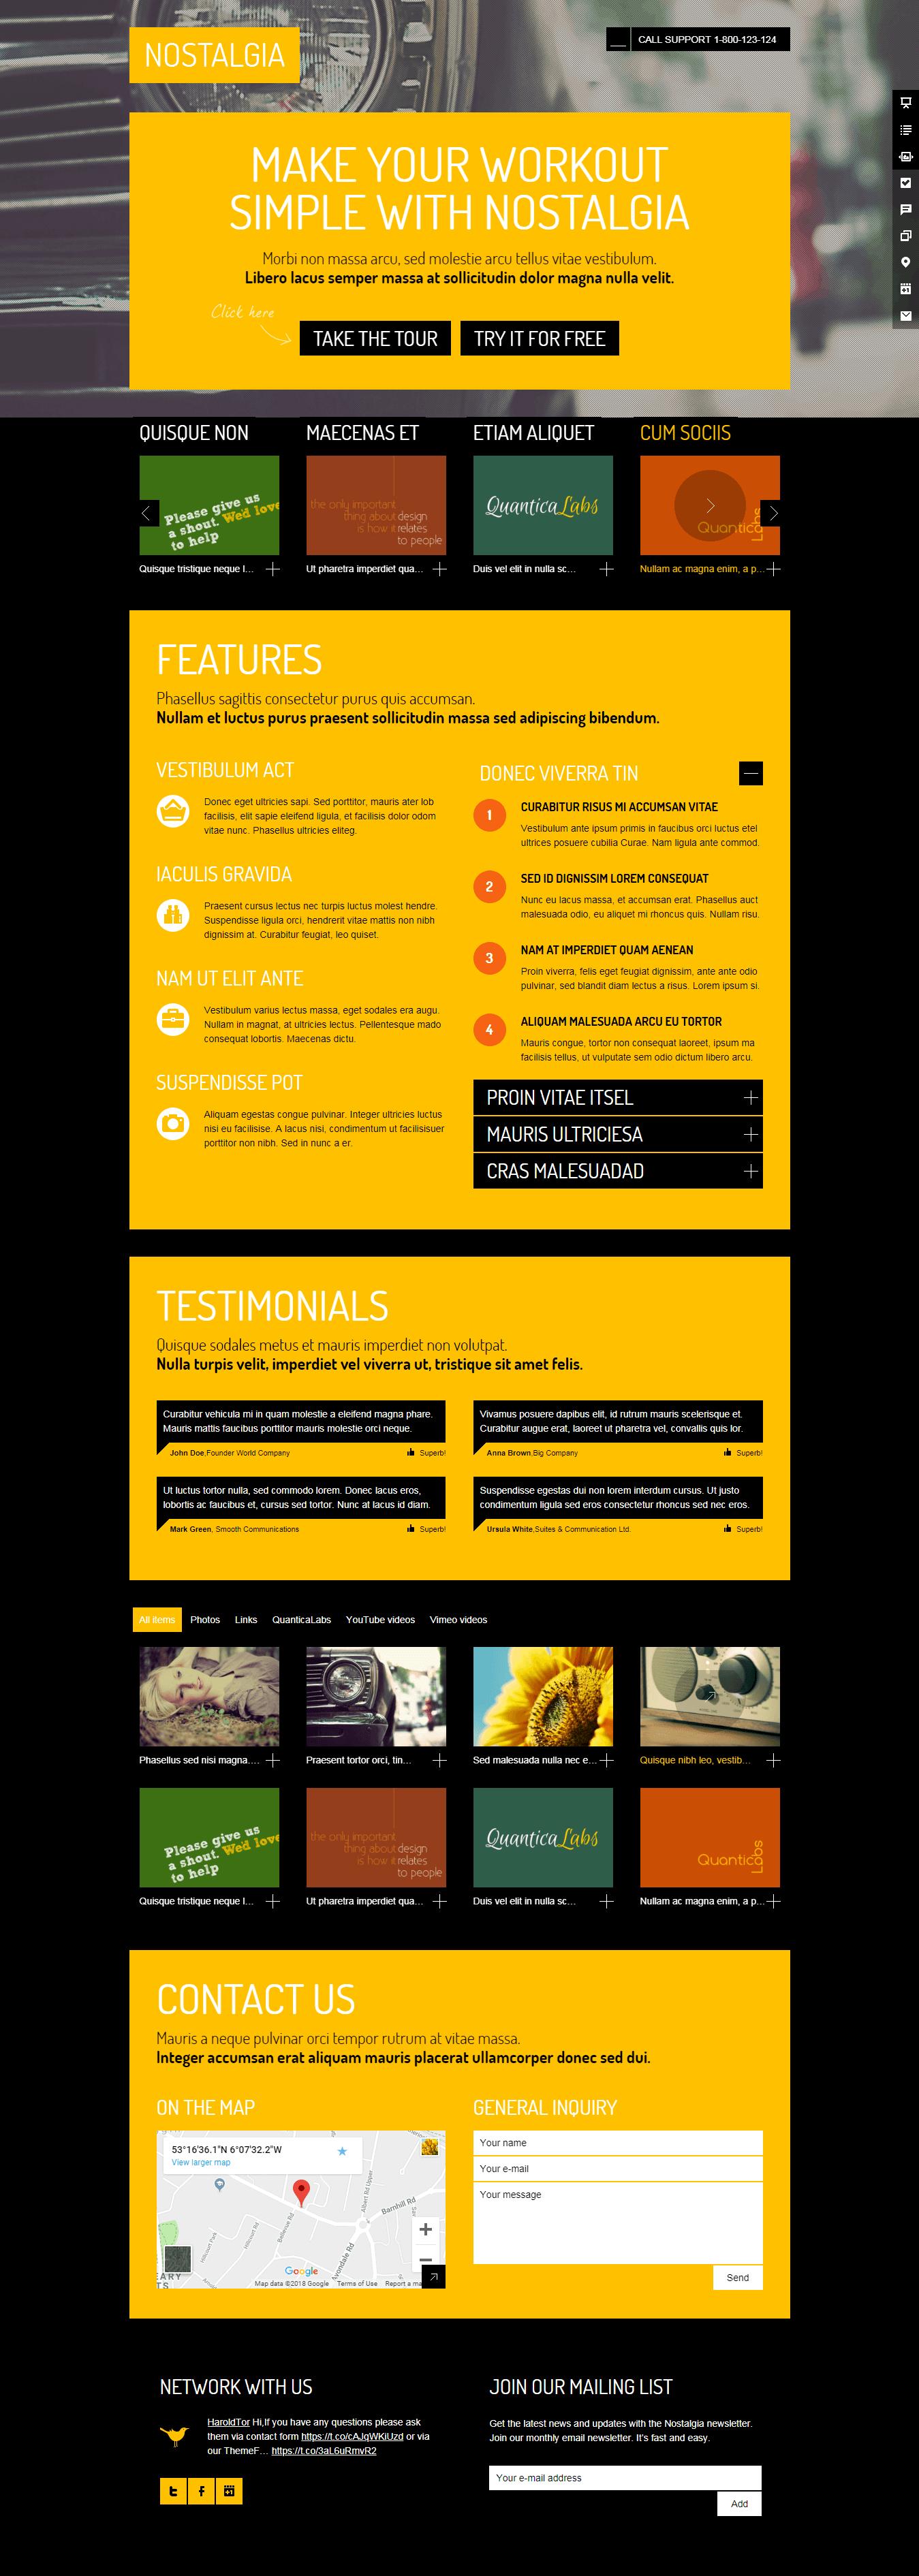 nostalgia Landkit premium wordpress landing page themes - 10+ Best Premium Landing Page WordPress Themes